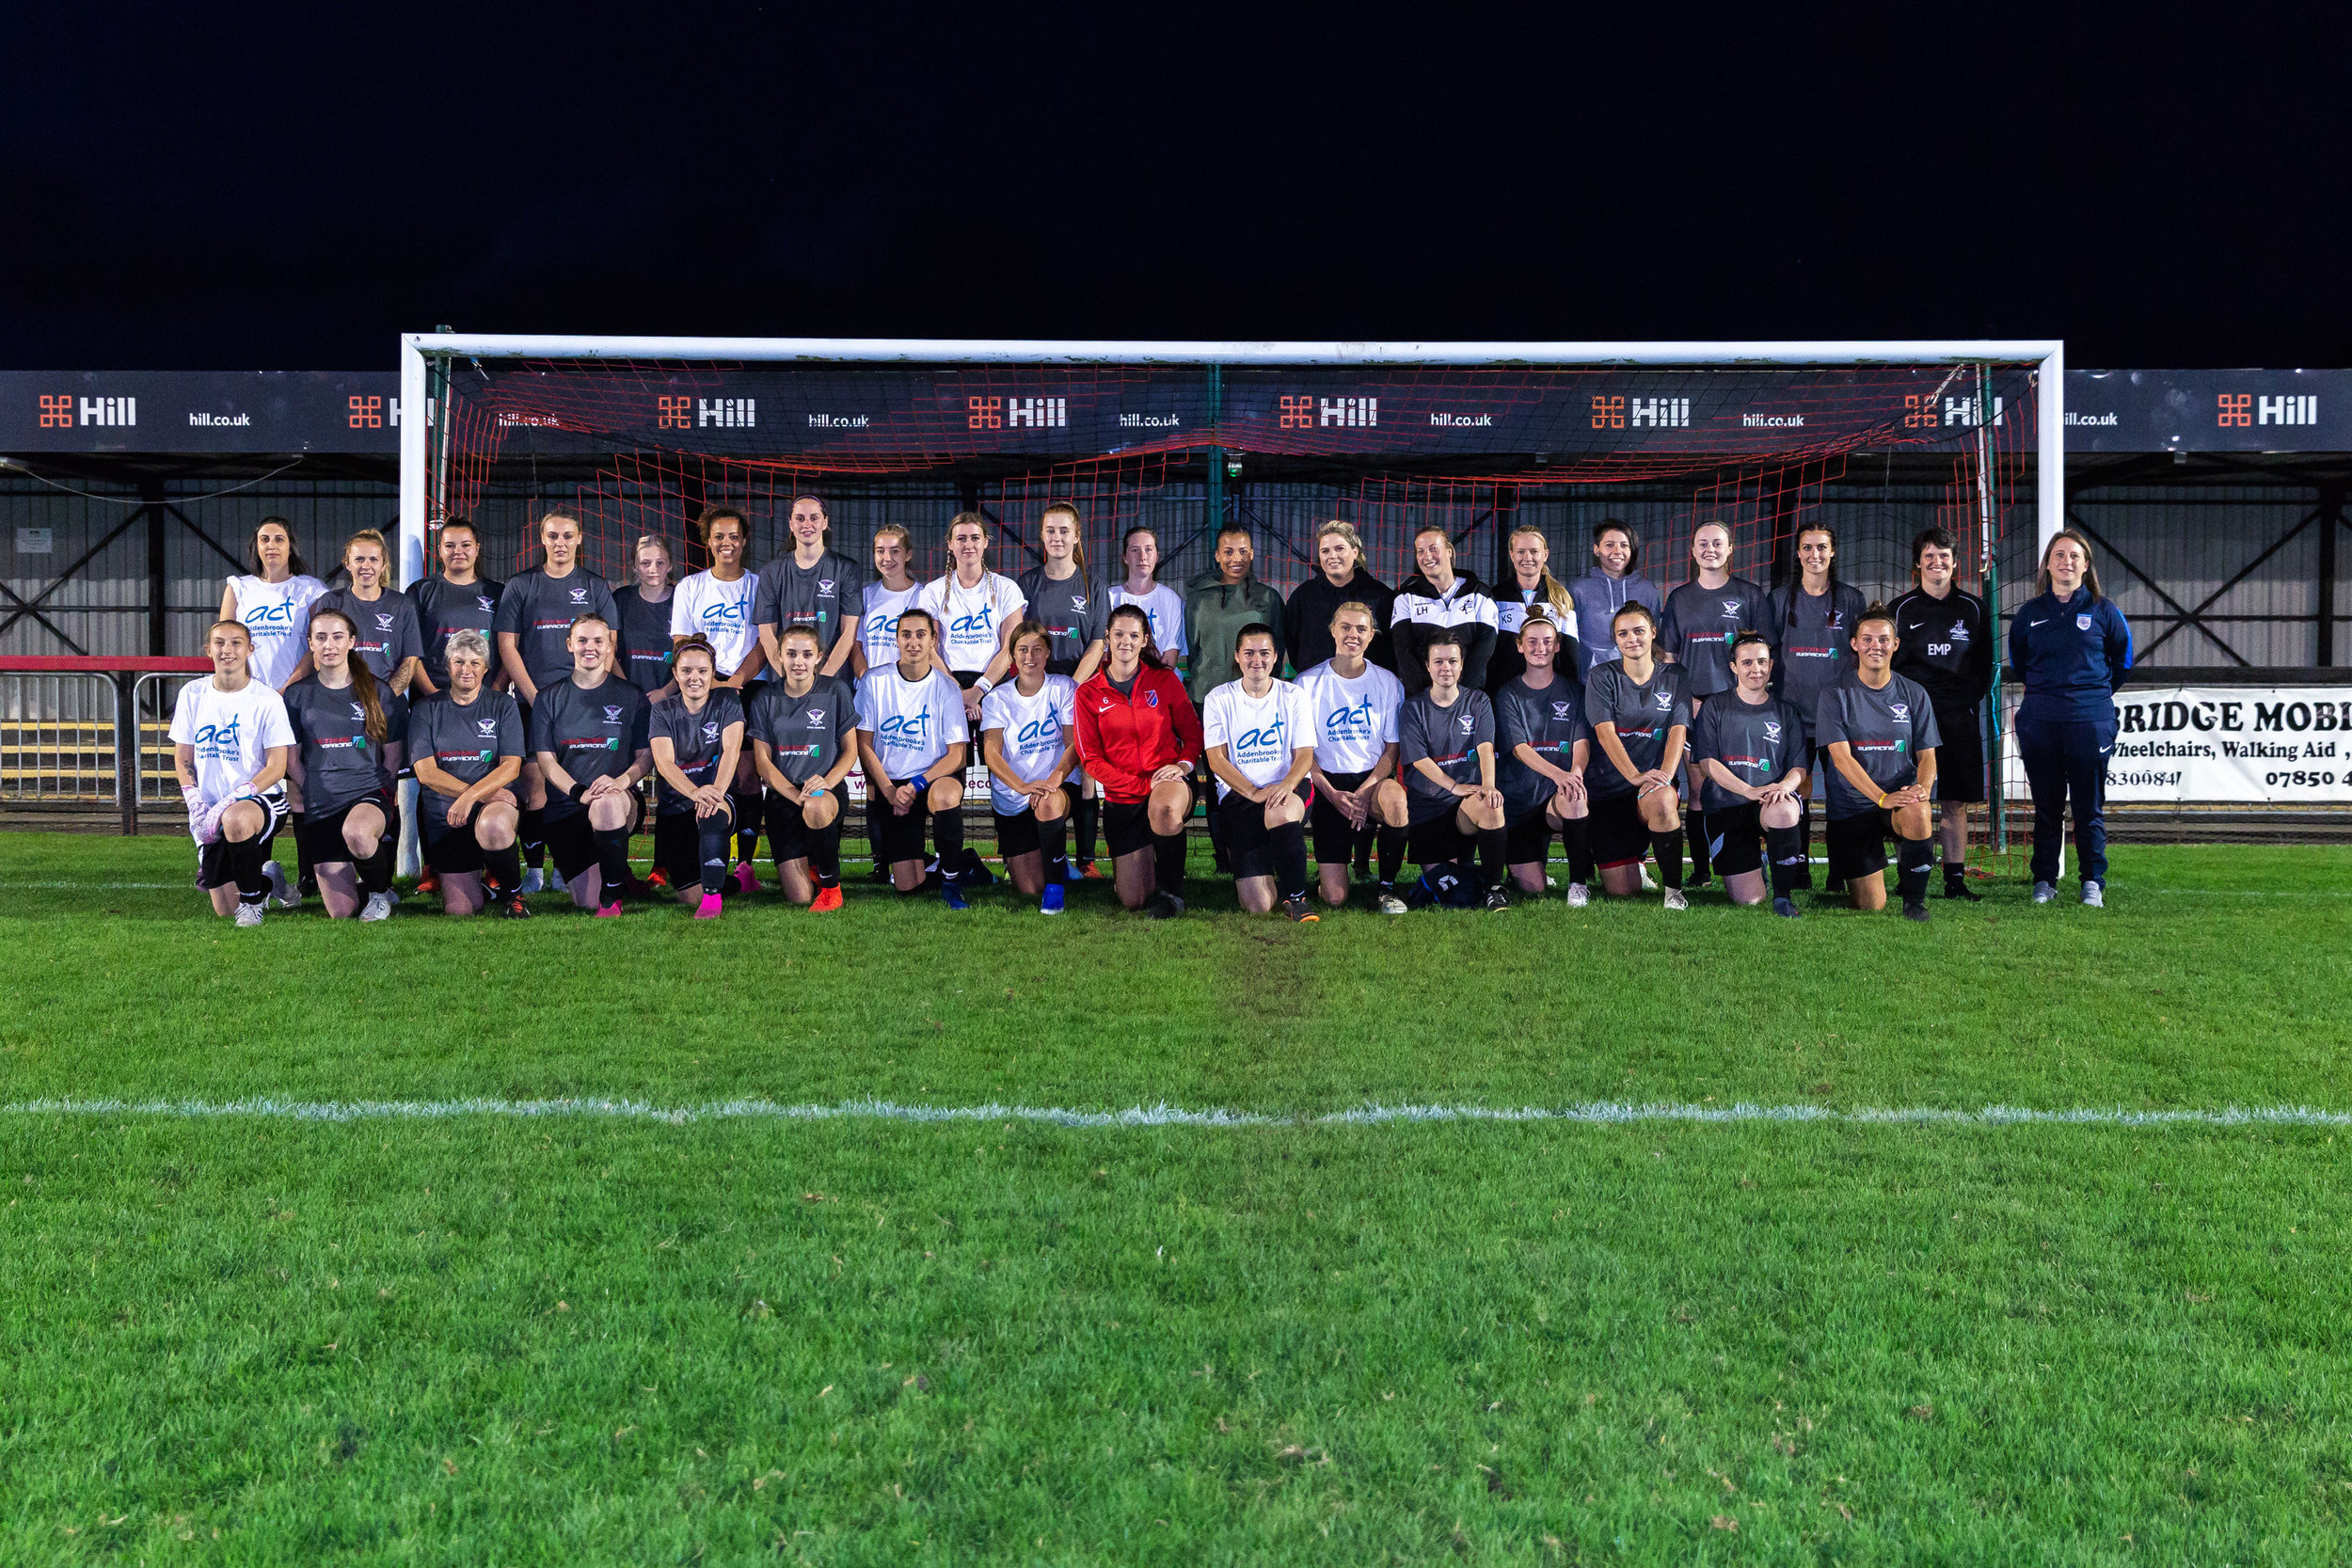 STEC XI KICK CANCER CUP 2019 - CAMBRIDGE